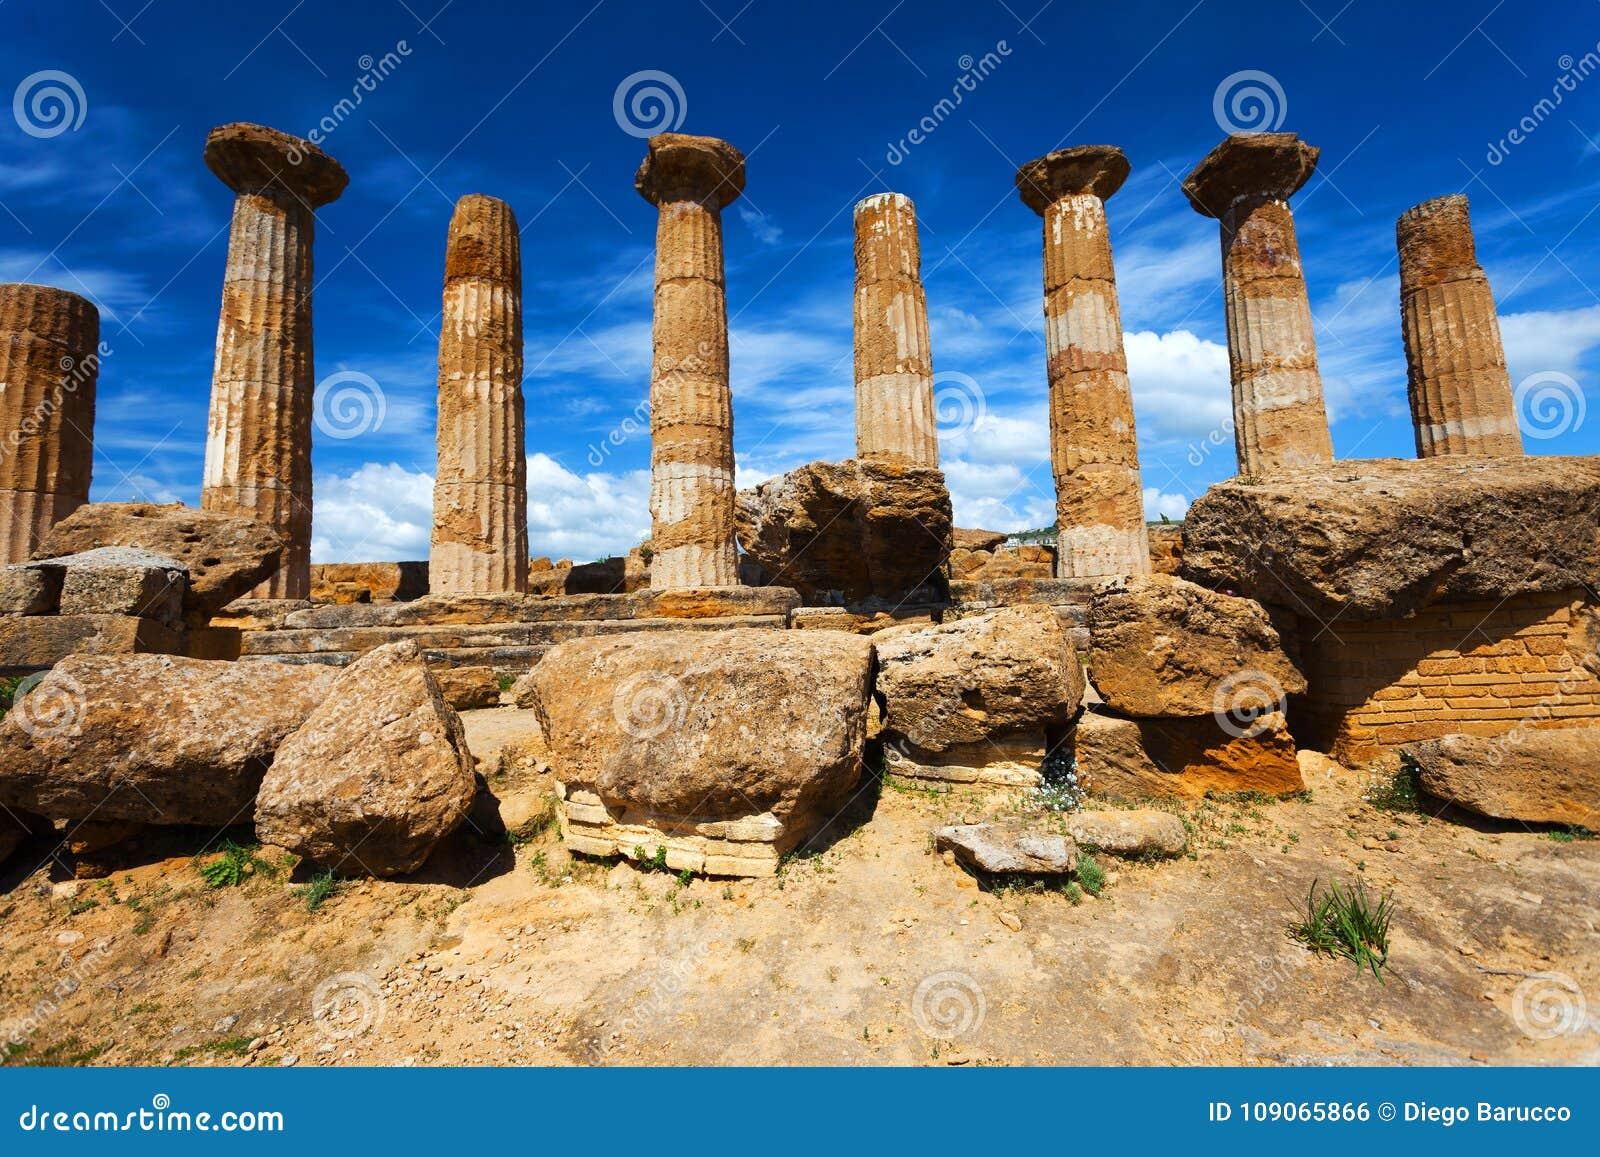 Висок Геркулеса в парке Агриджента археологическом Сицилия